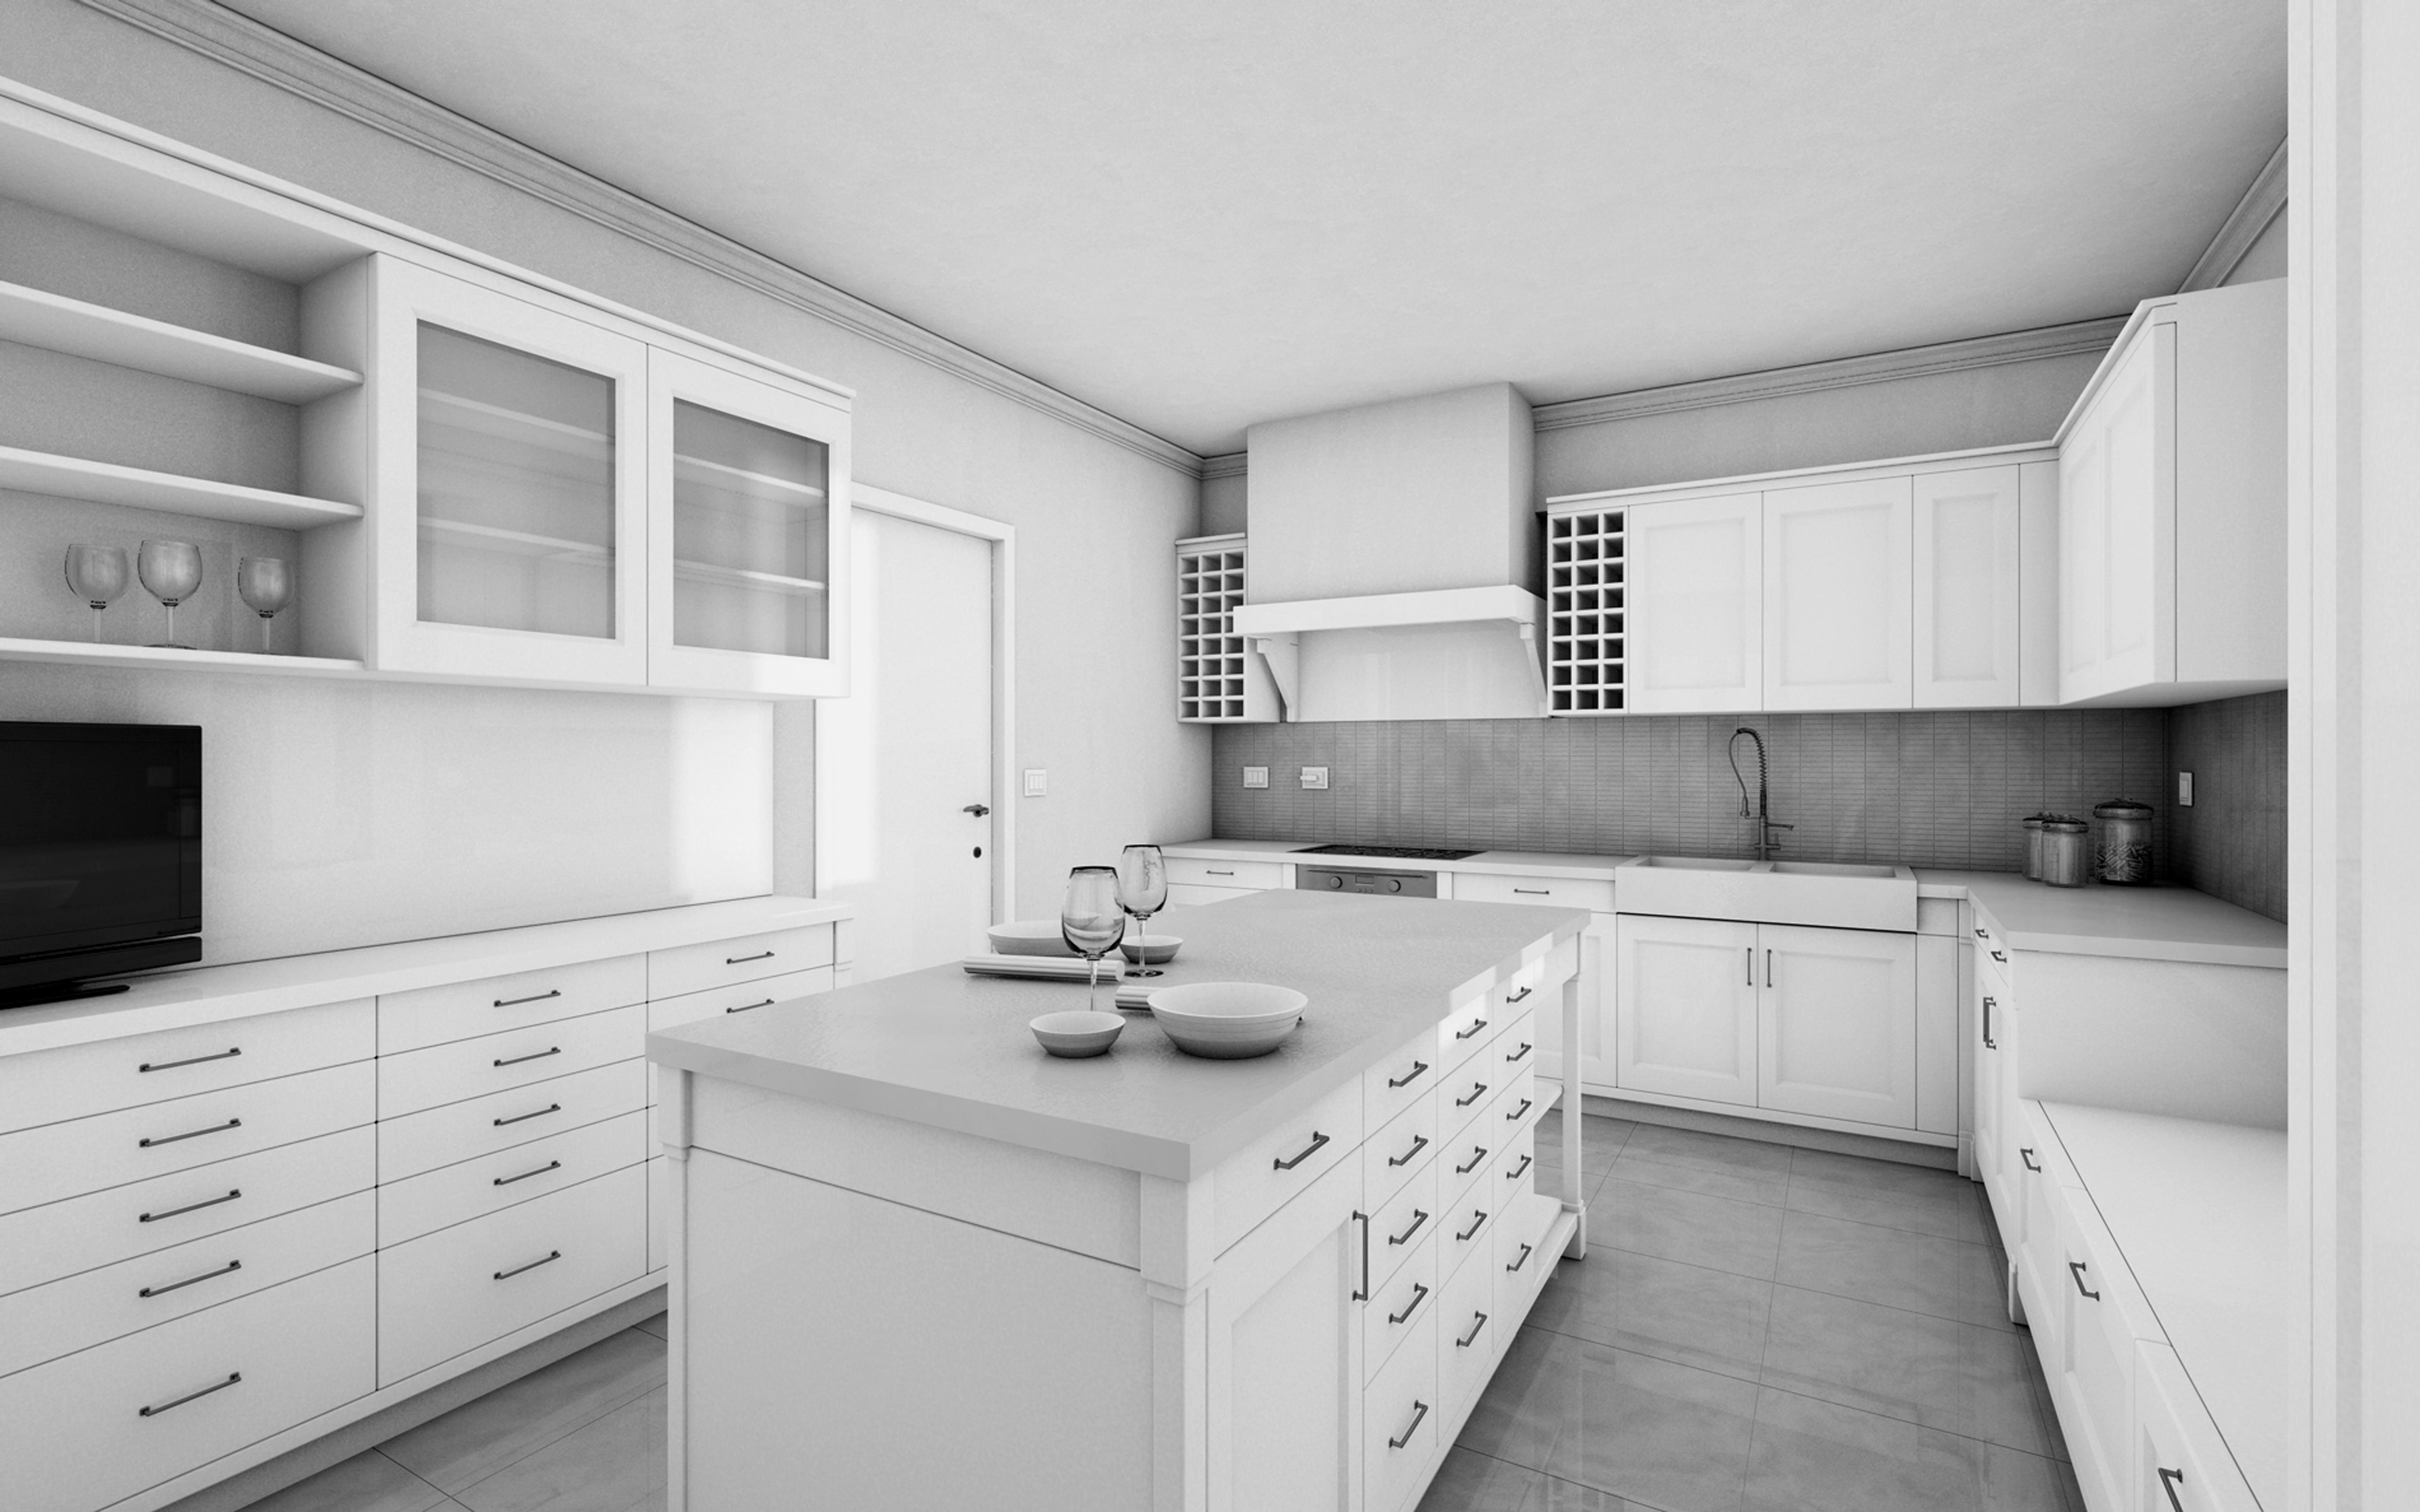 cucina soggiorno unico ambiente classico: cucina in legno colony ... - Arredamento Classico Fiorentino